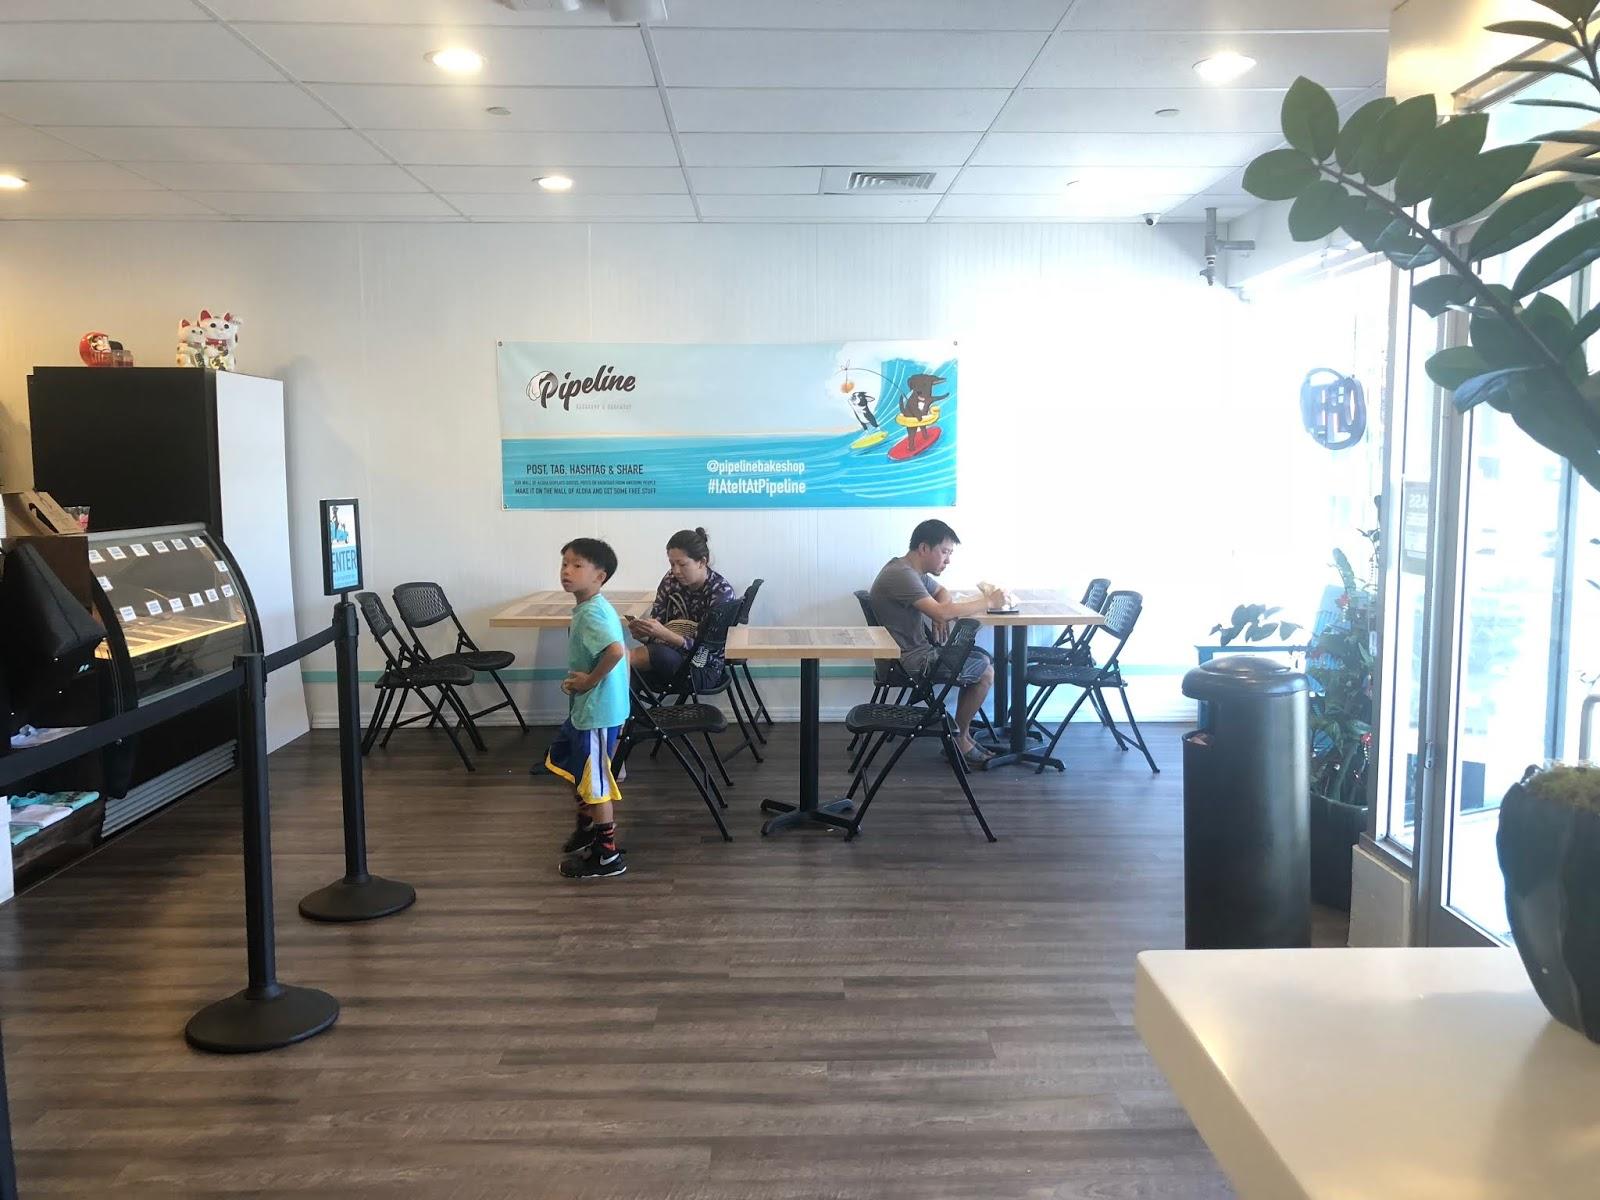 TASTE OF HAWAII: PIPELINE BAKESHOP AND CREAMERY